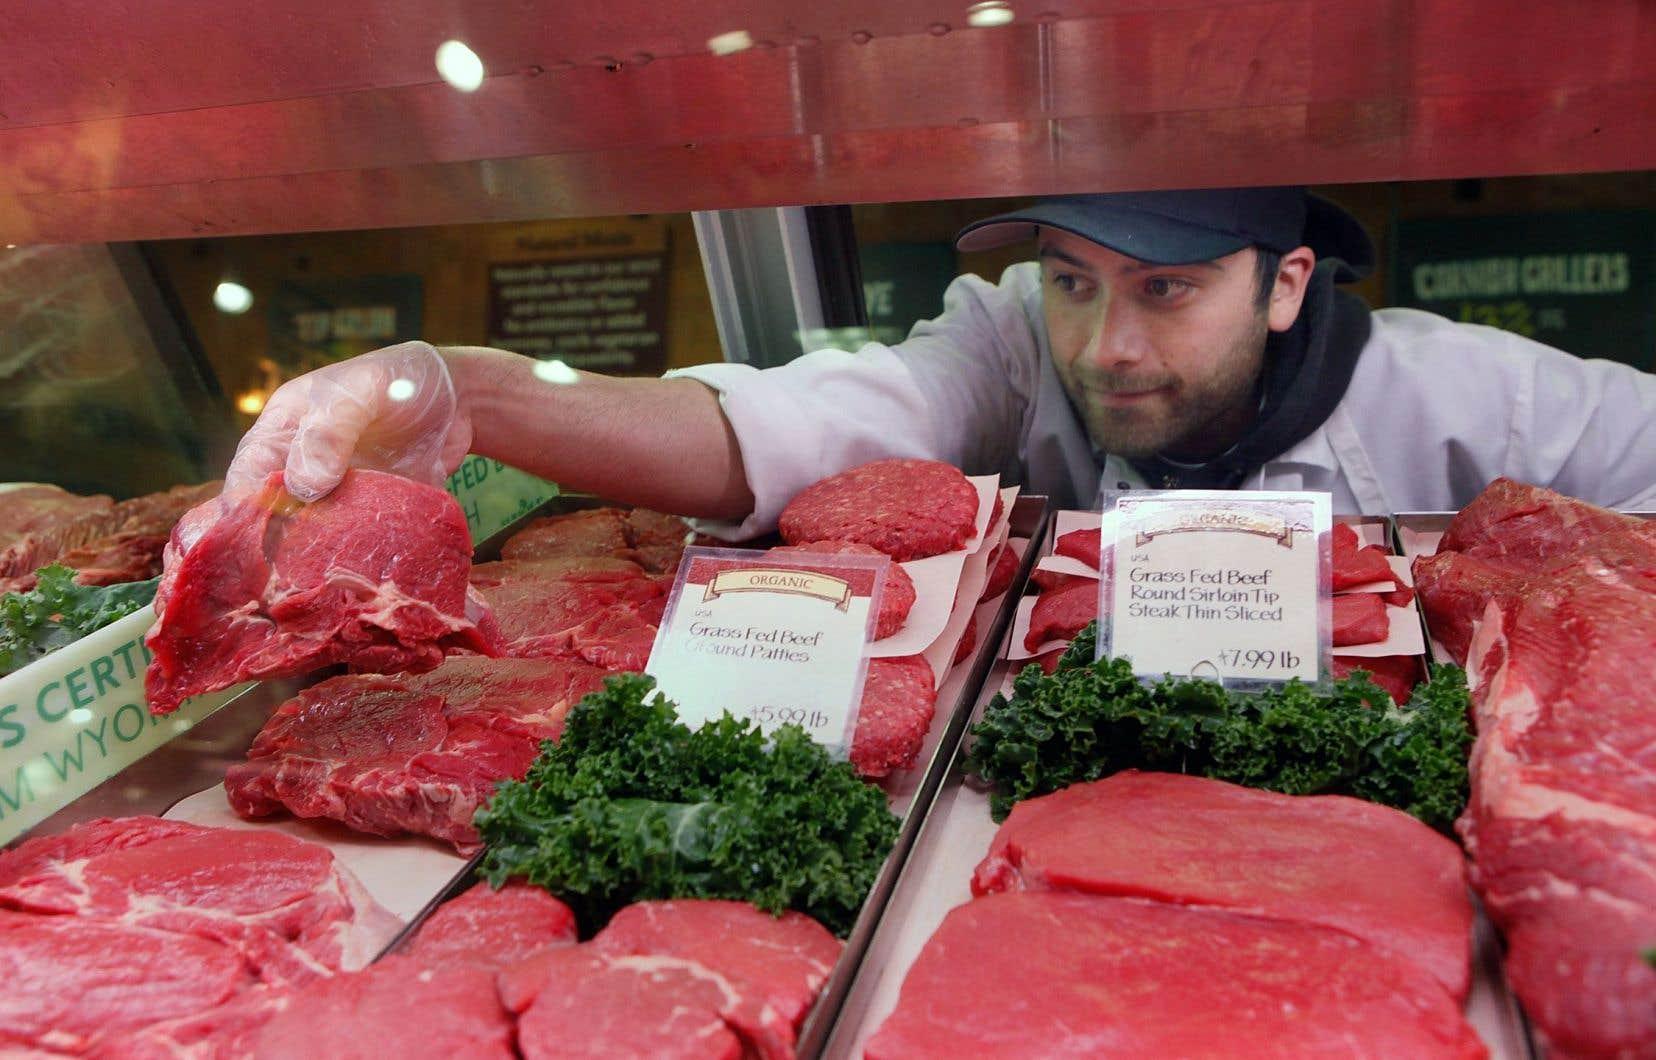 Dans les pays riches, où la consommation de bœuf est élevée, le pourcentage de vies épargnées pourrait même être de 5%.